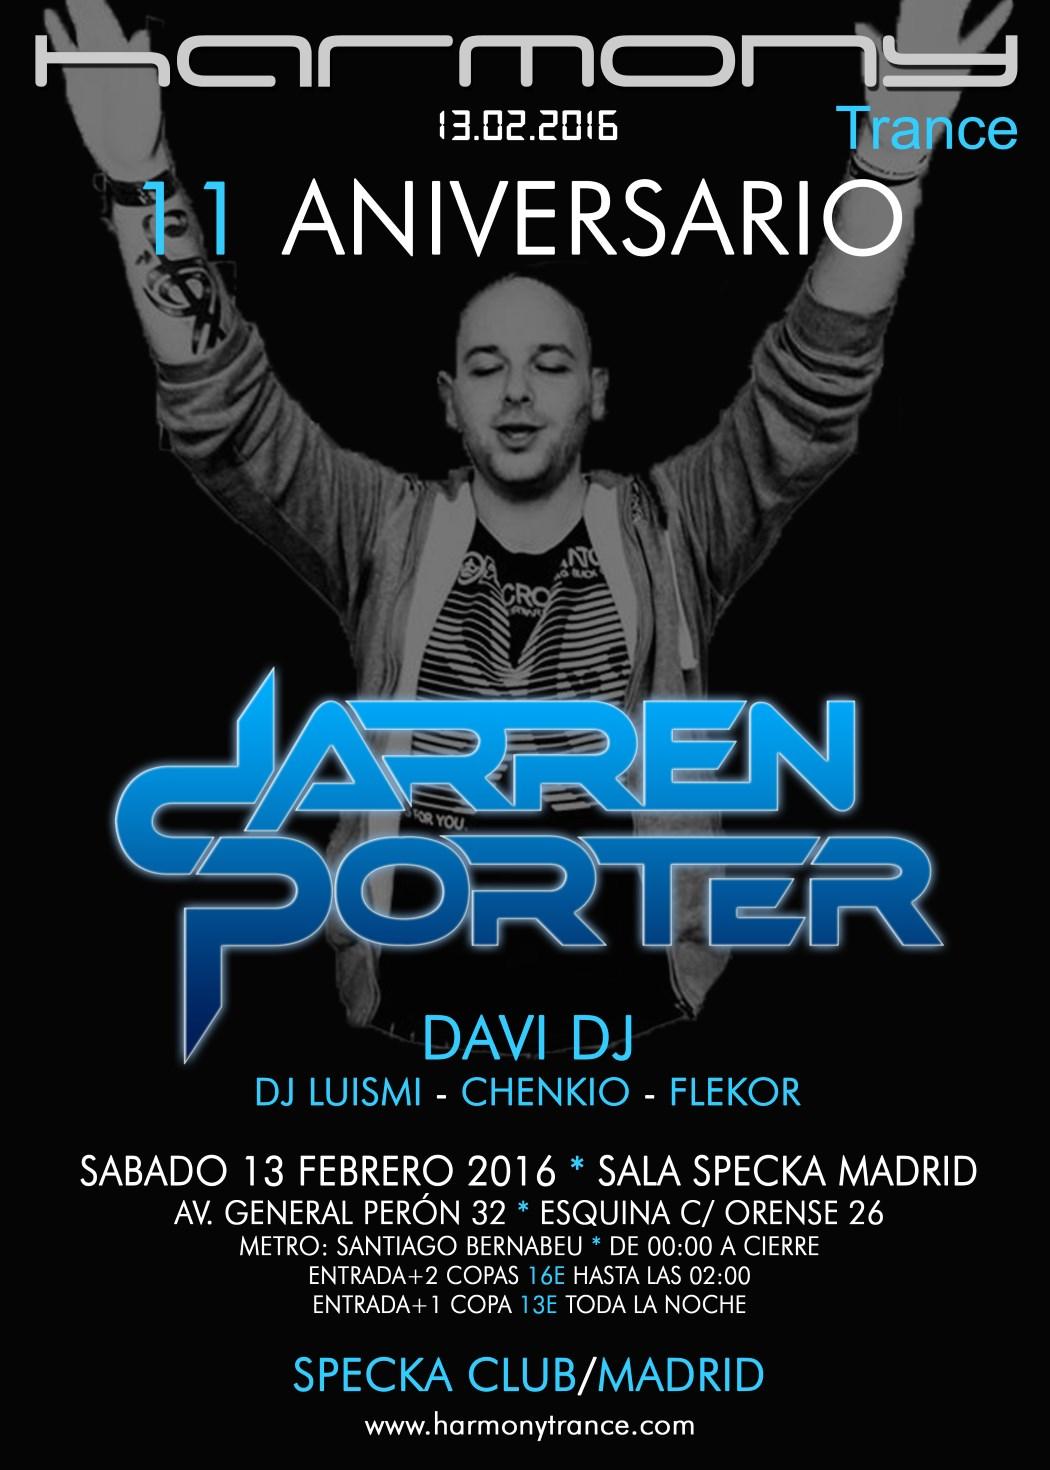 [ACTUALIZADO] Harmony celebra su 11 aniversario con Darren Porter en Madrid